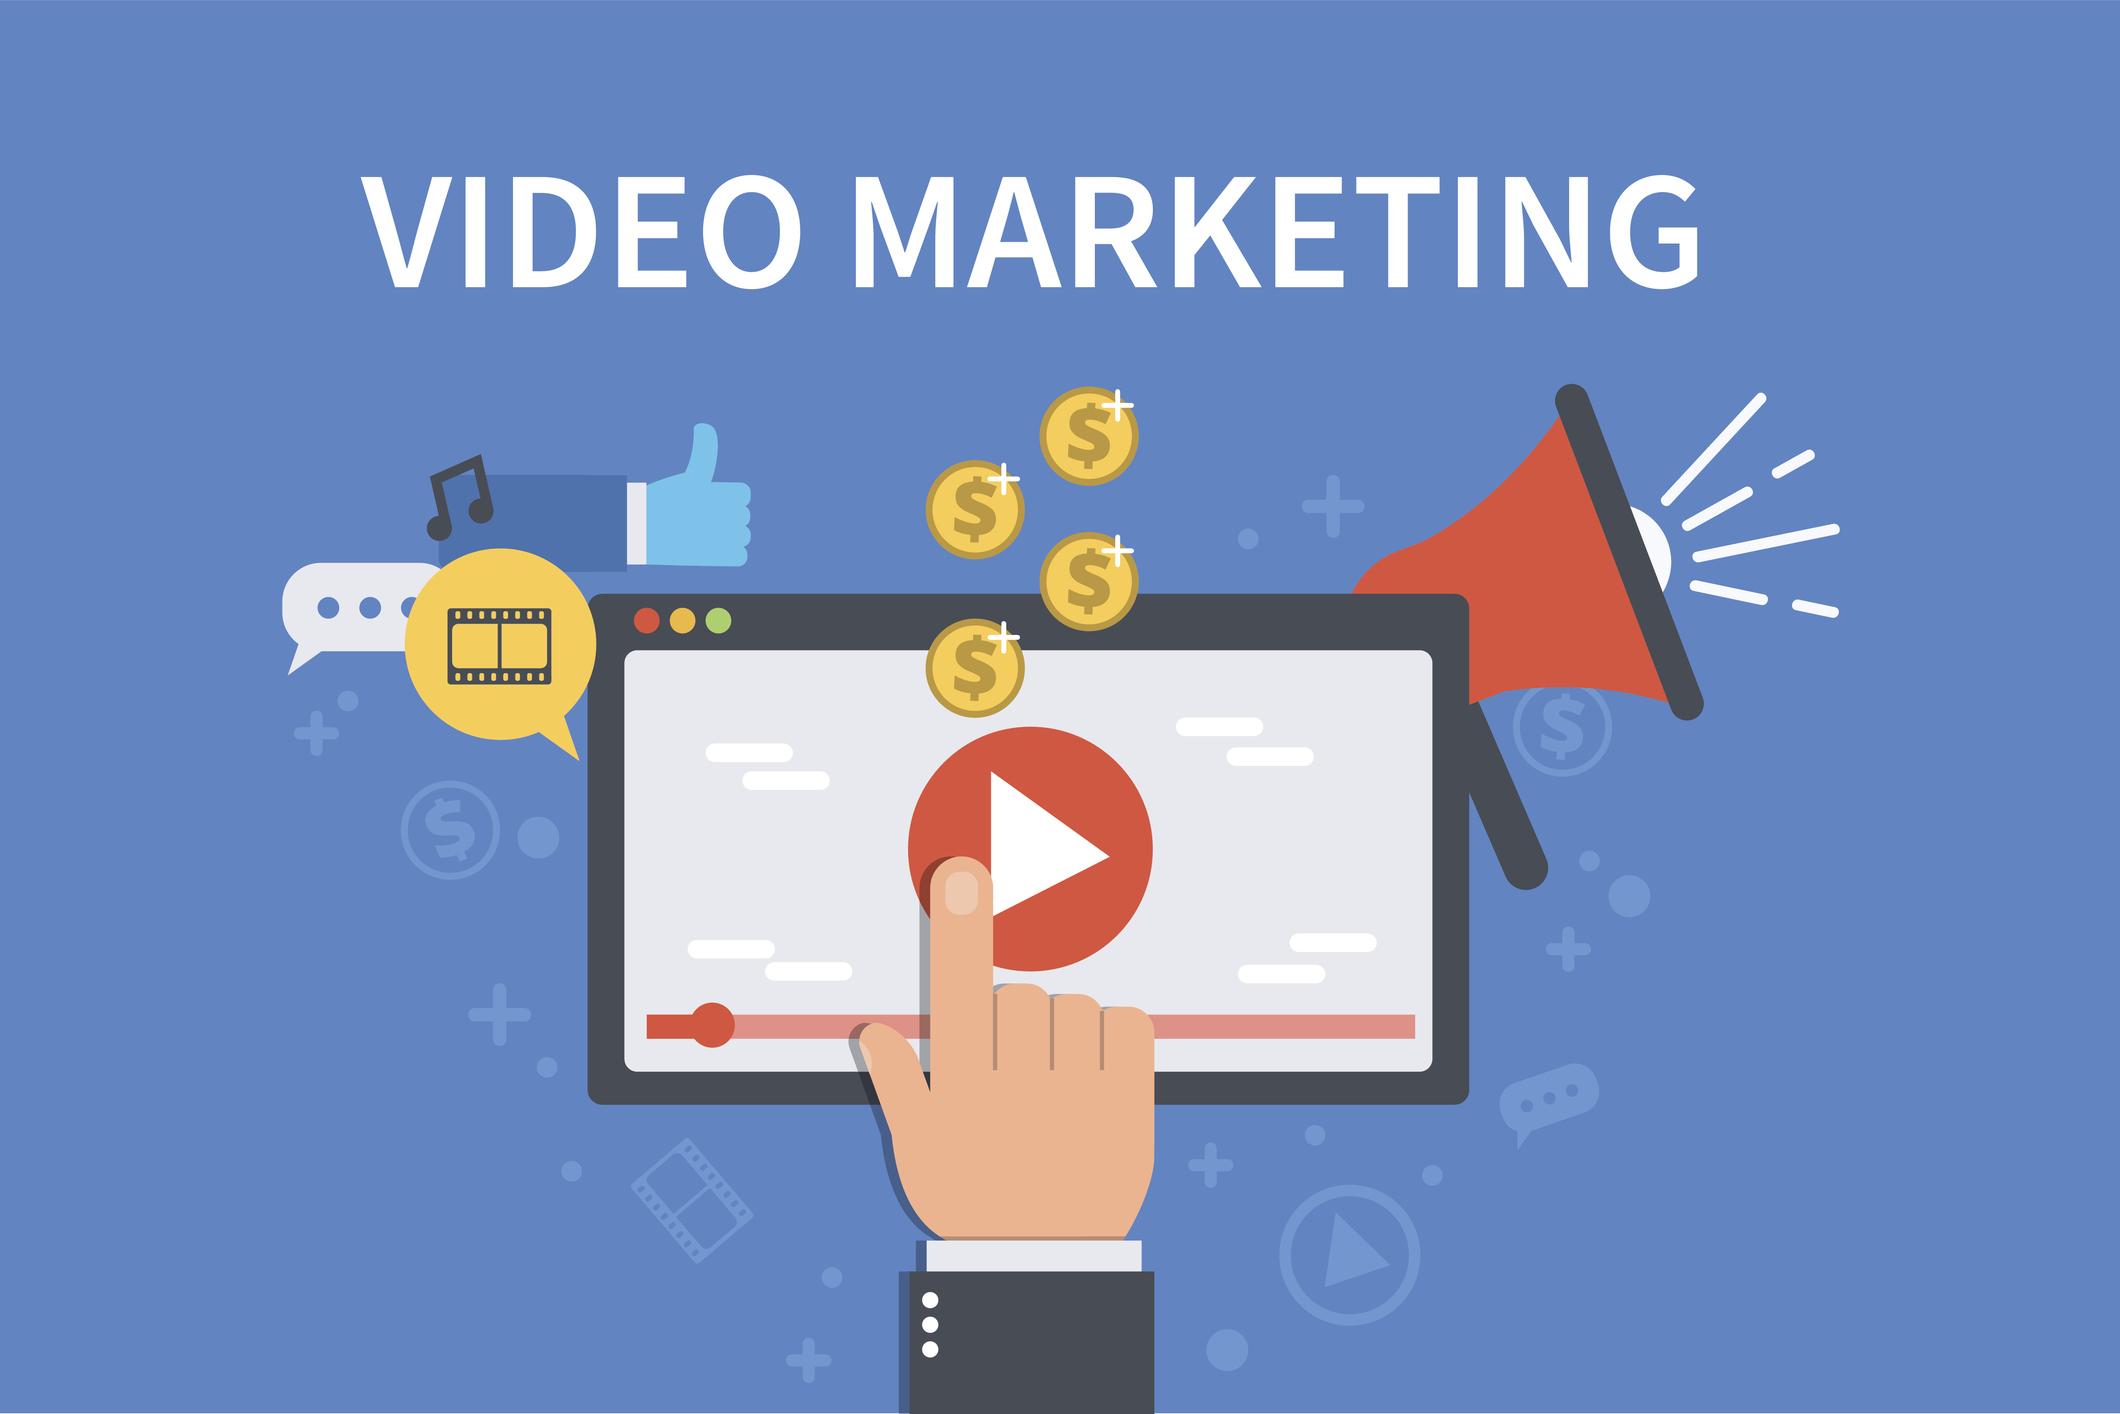 Quelle est l'importance de la vidéo marketing pour l'entreprise ?